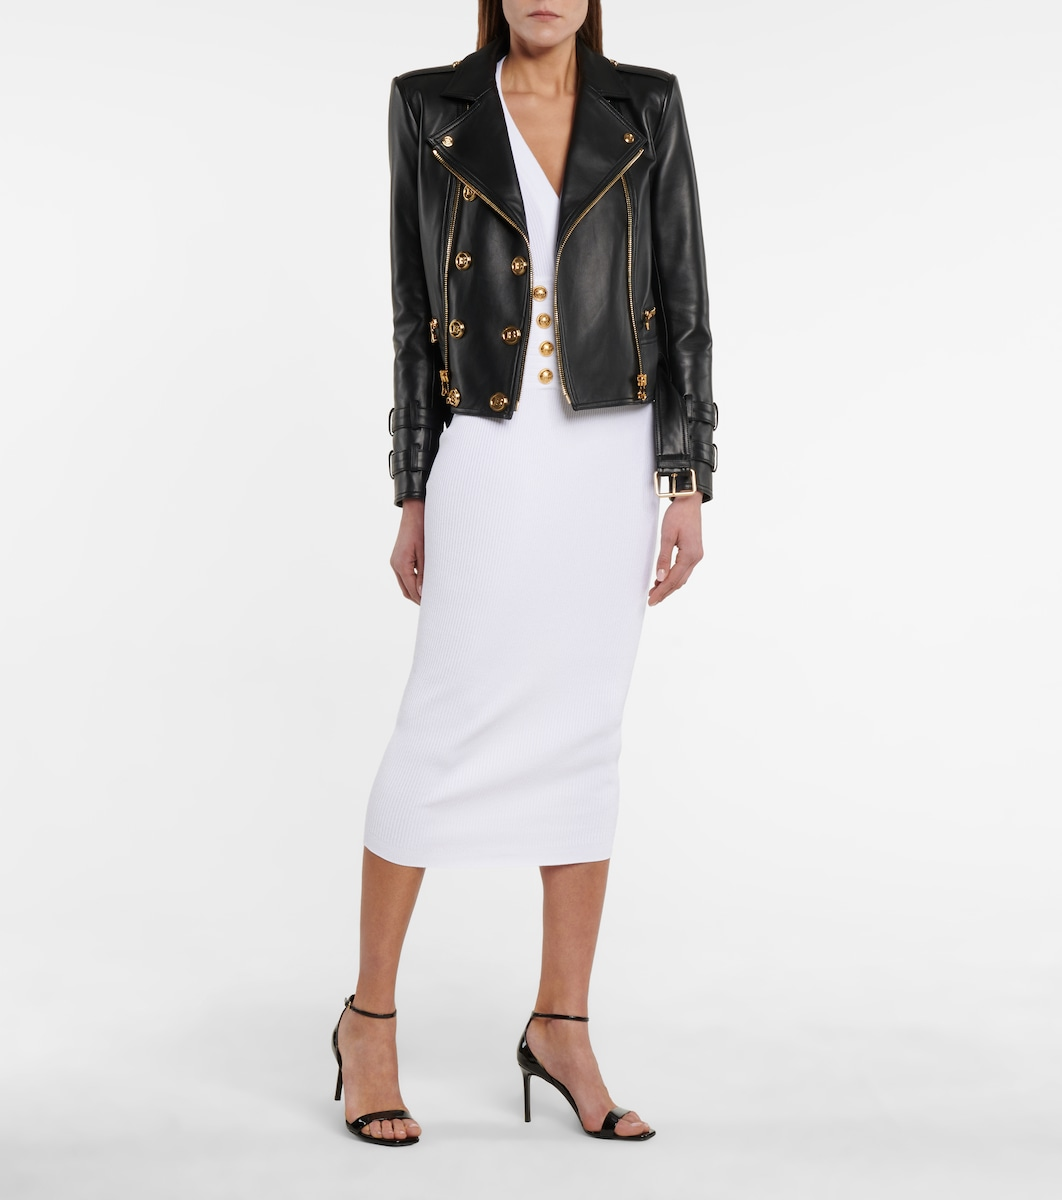 Léviathans Femmes Veste en cuir leather jacket balmain Lammnappa taillé sur mesure